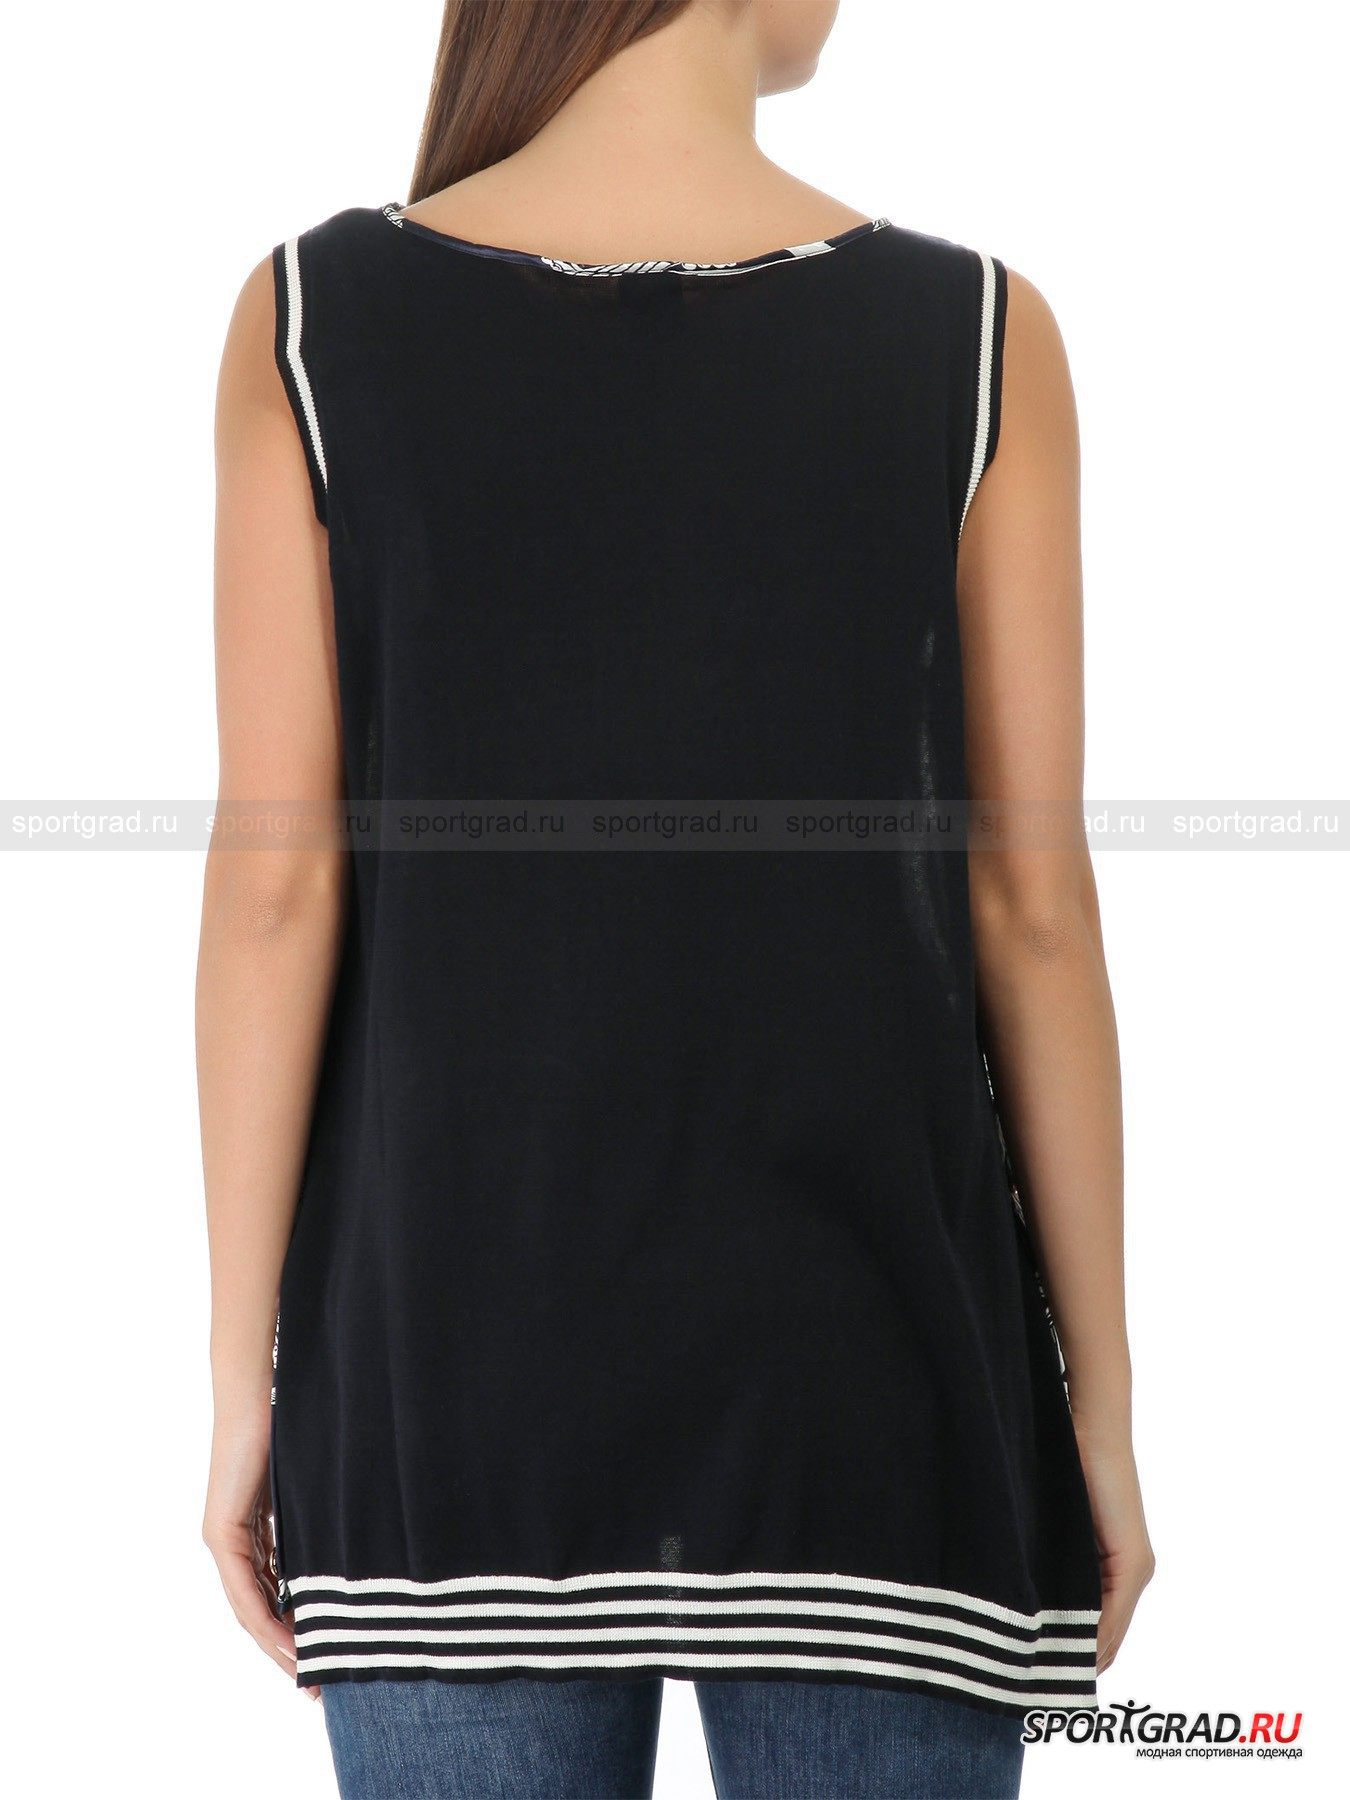 Блузка Без Рукавов Купить В Омске